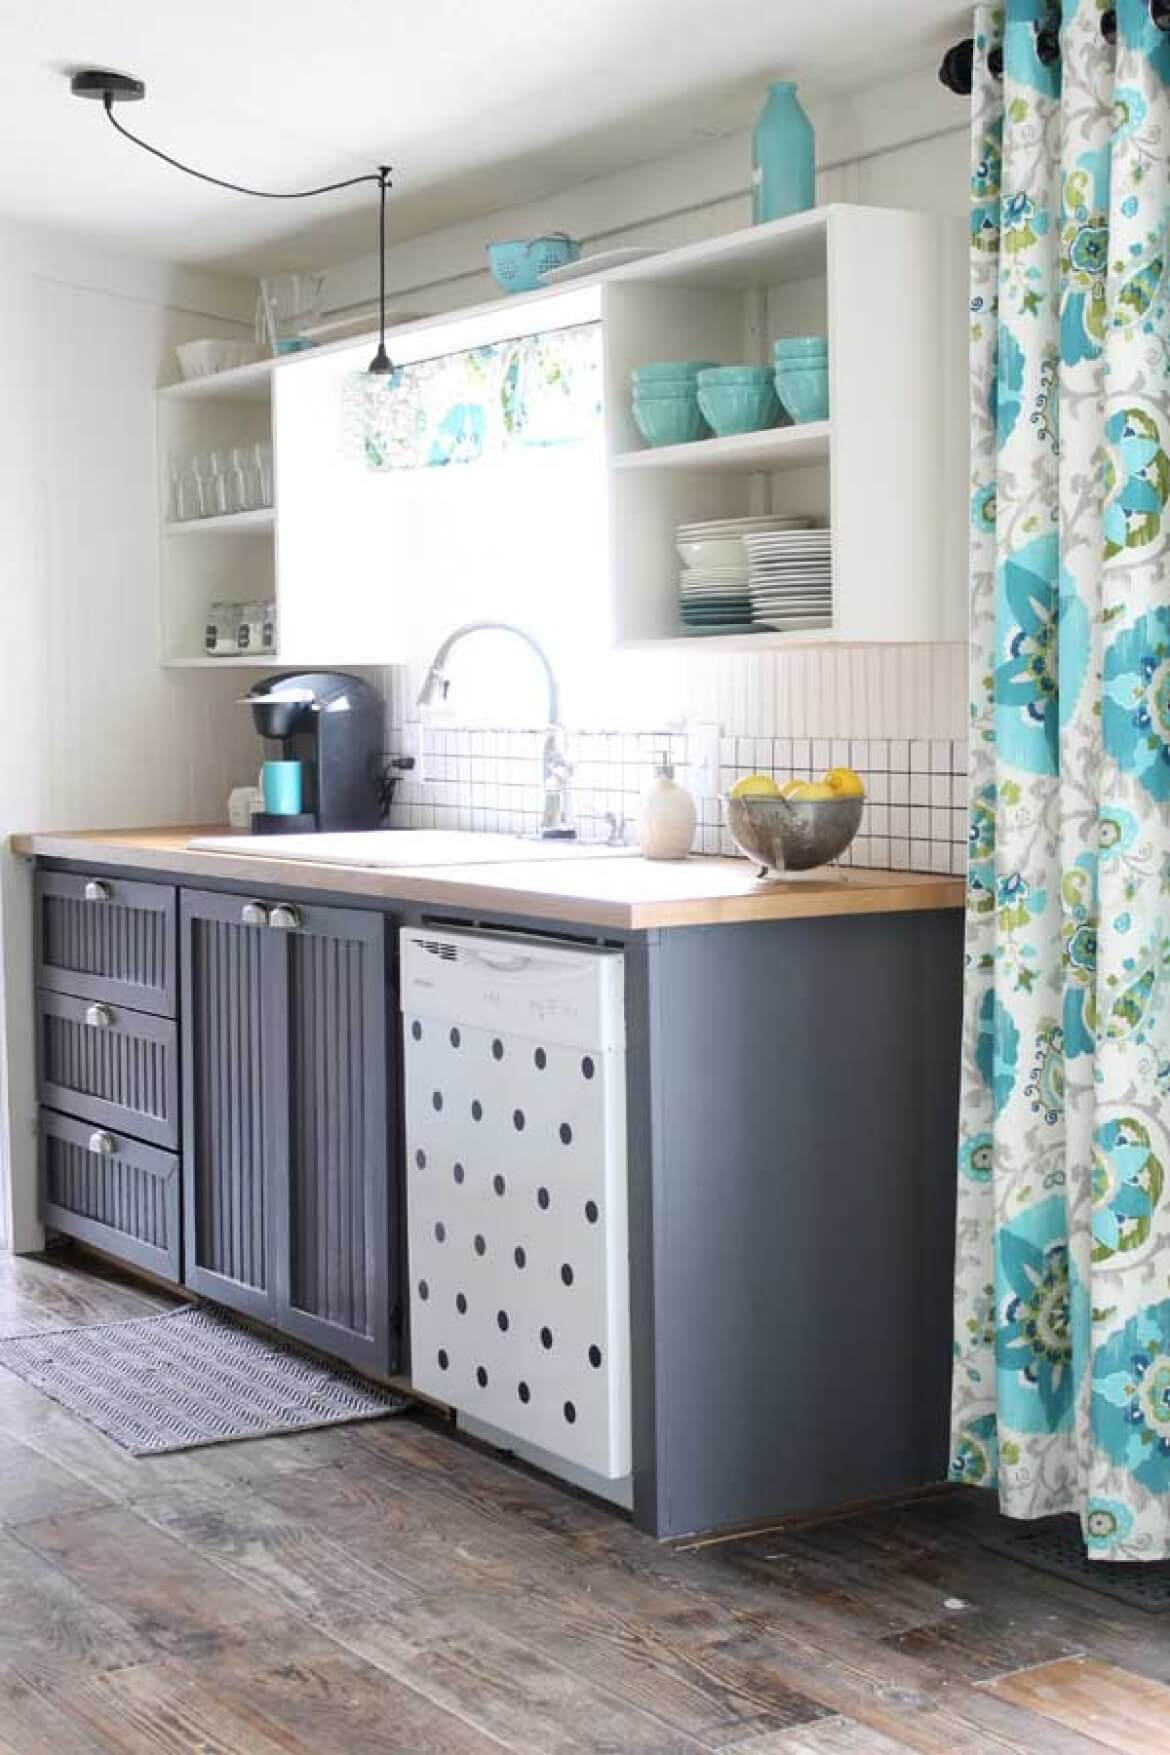 Farmhouse-Inspired Kitchen Floor Design Idea